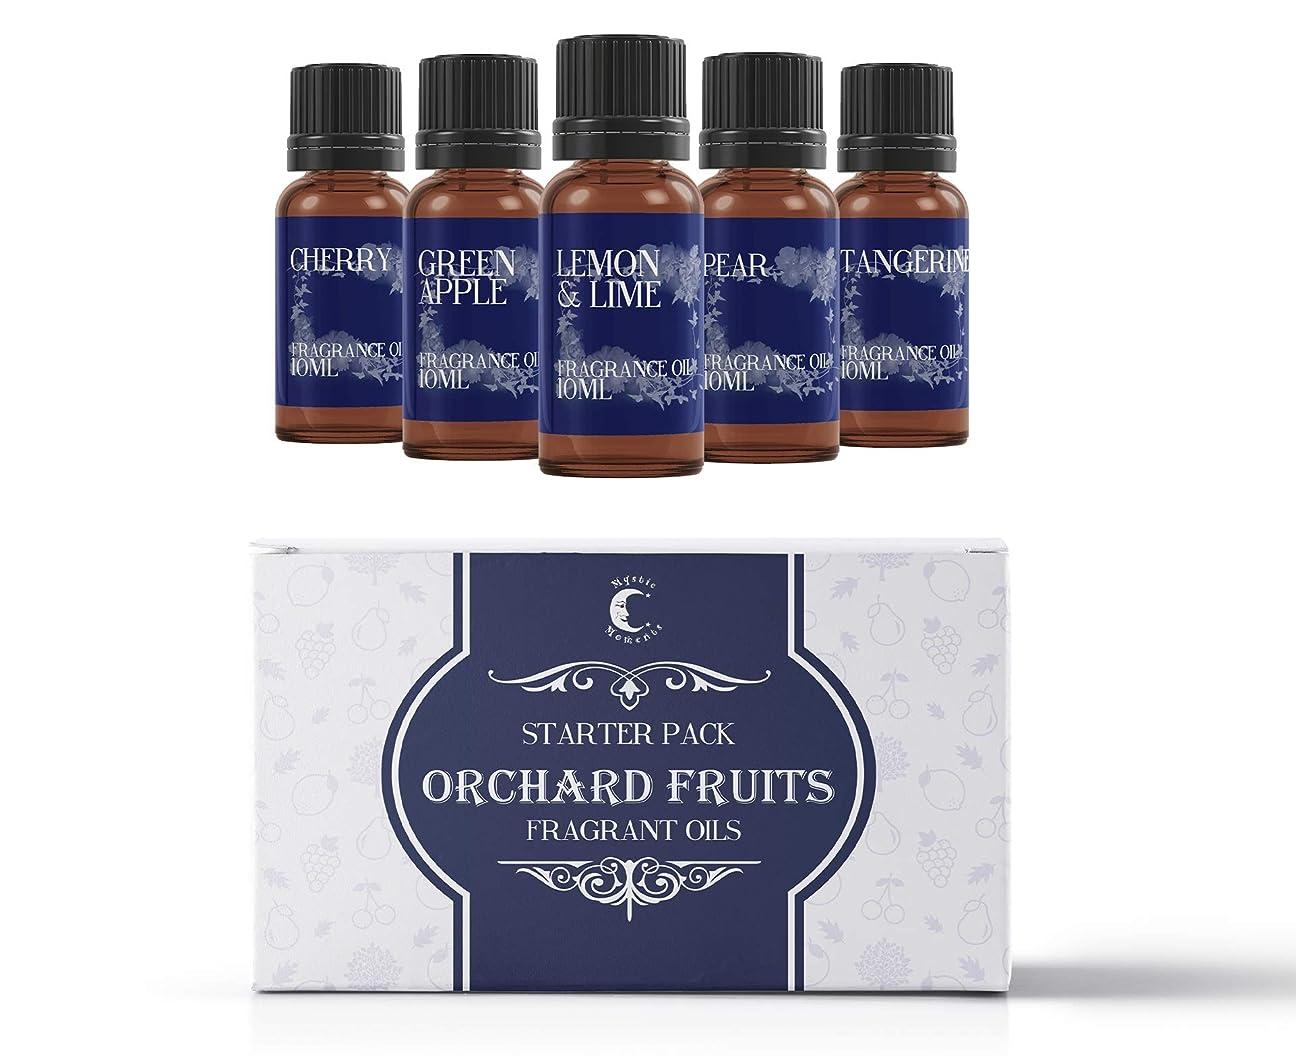 実用的劣る責めるMystic Moments | Fragrant Oil Starter Pack - Orchard Fruits - 5 x 10ml